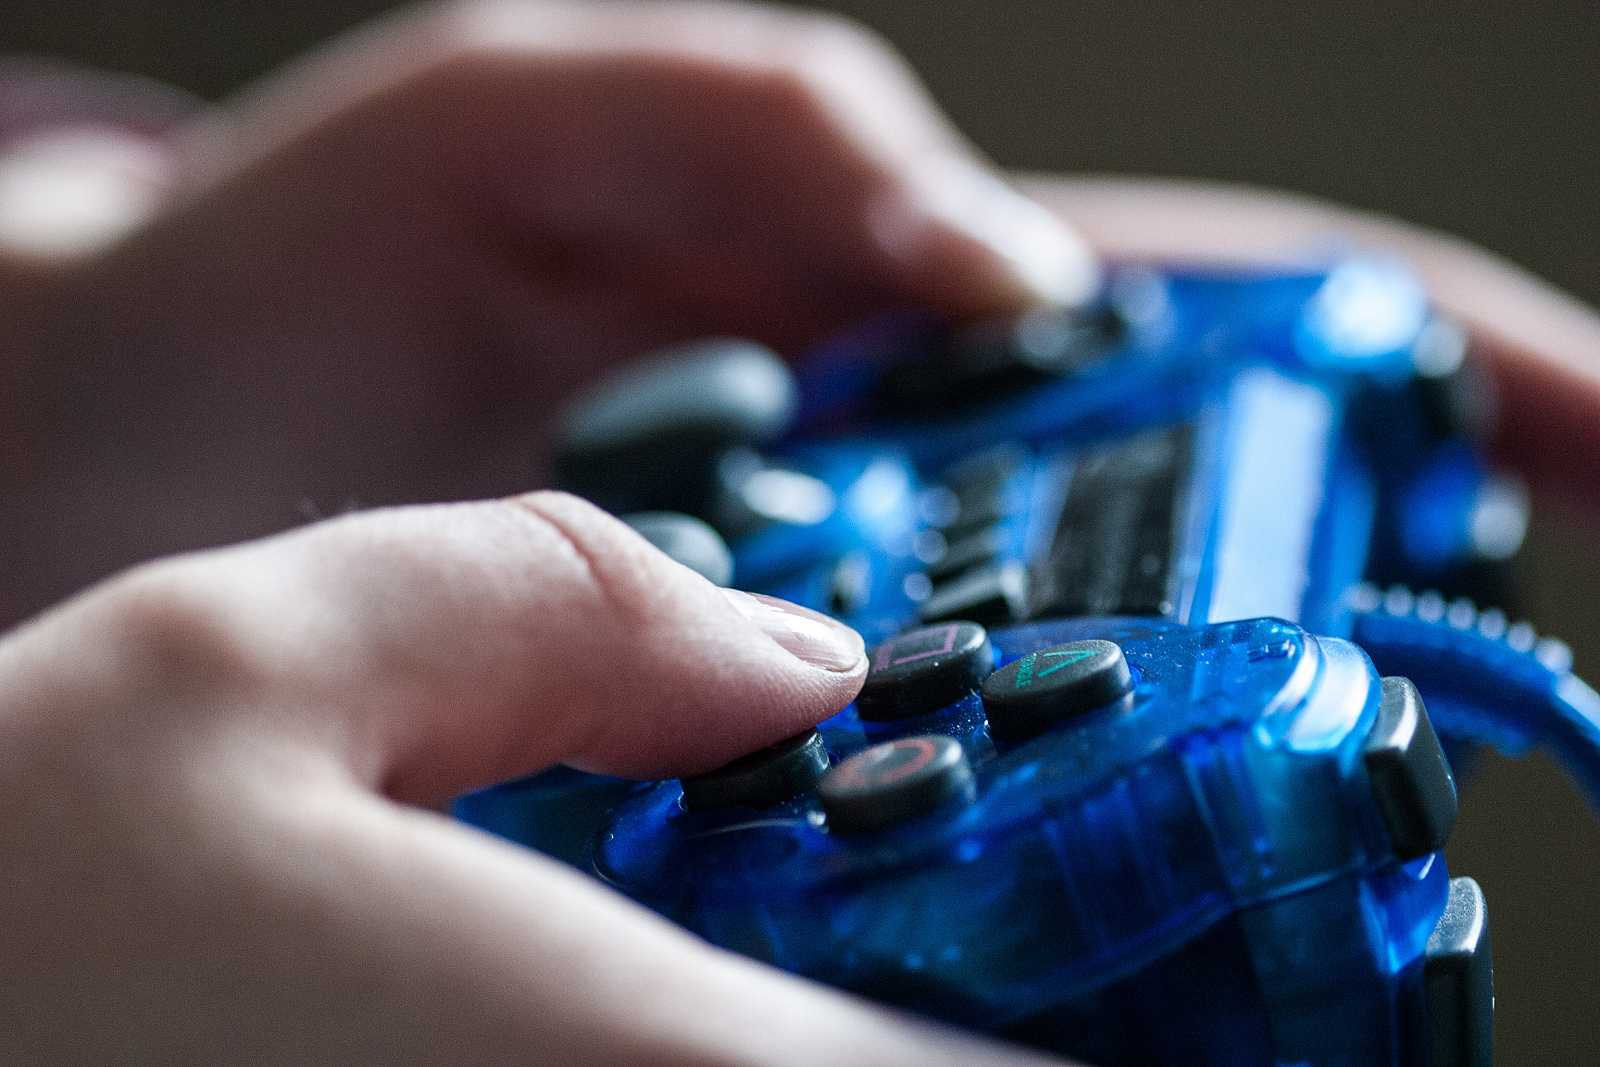 Este miércoles se cumple 20 años del lanzamiento de la PlayStation 2